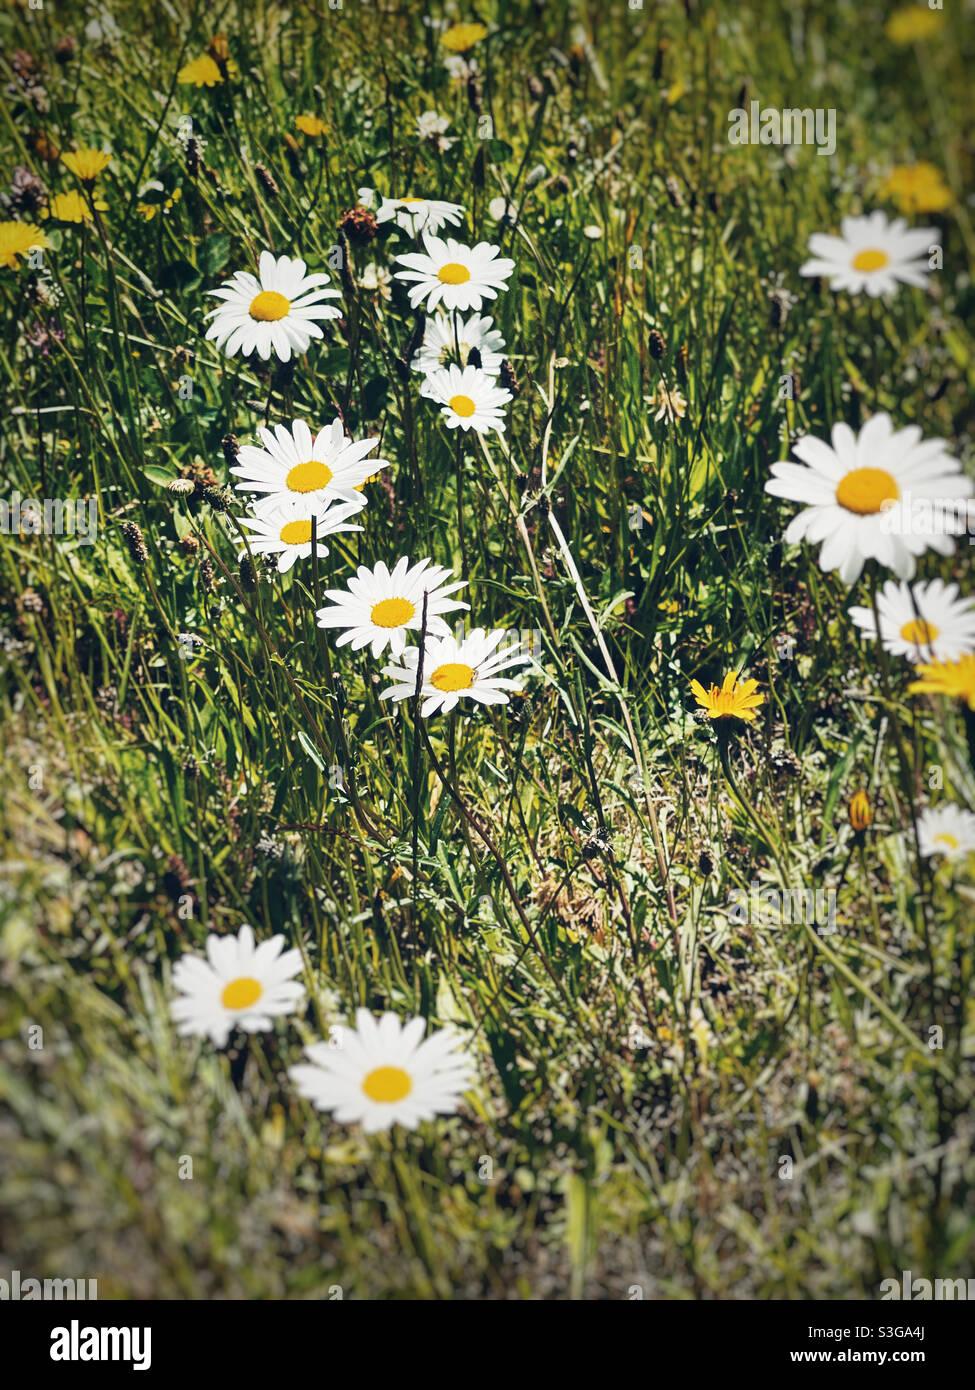 Pâquerette simple, la fleur la plus heureuse sur terre Banque D'Images